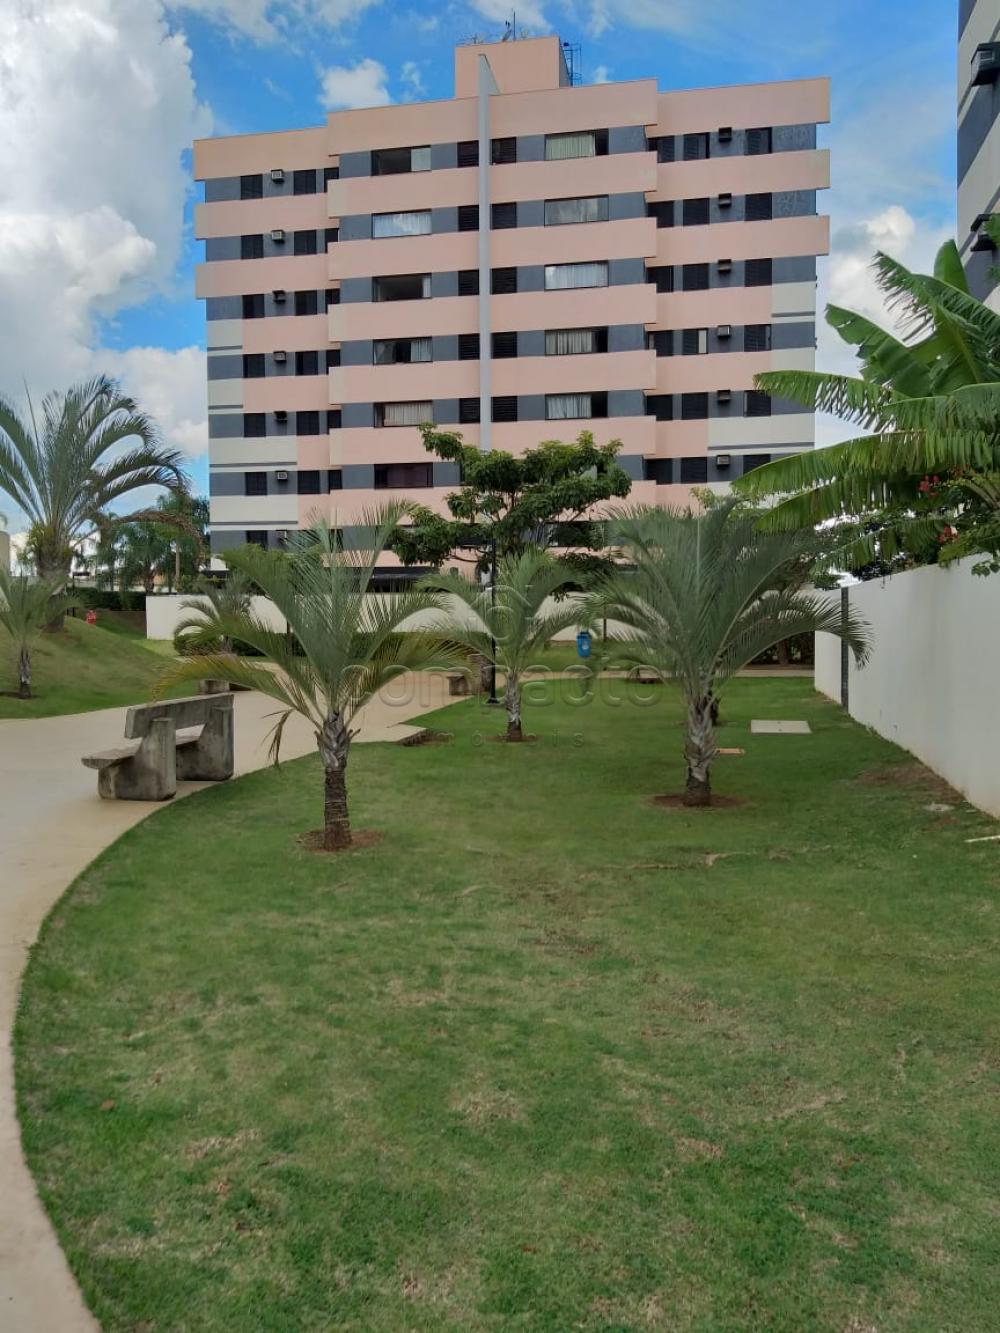 Comprar Apartamento / Padrão em São José do Rio Preto R$ 450.000,00 - Foto 16